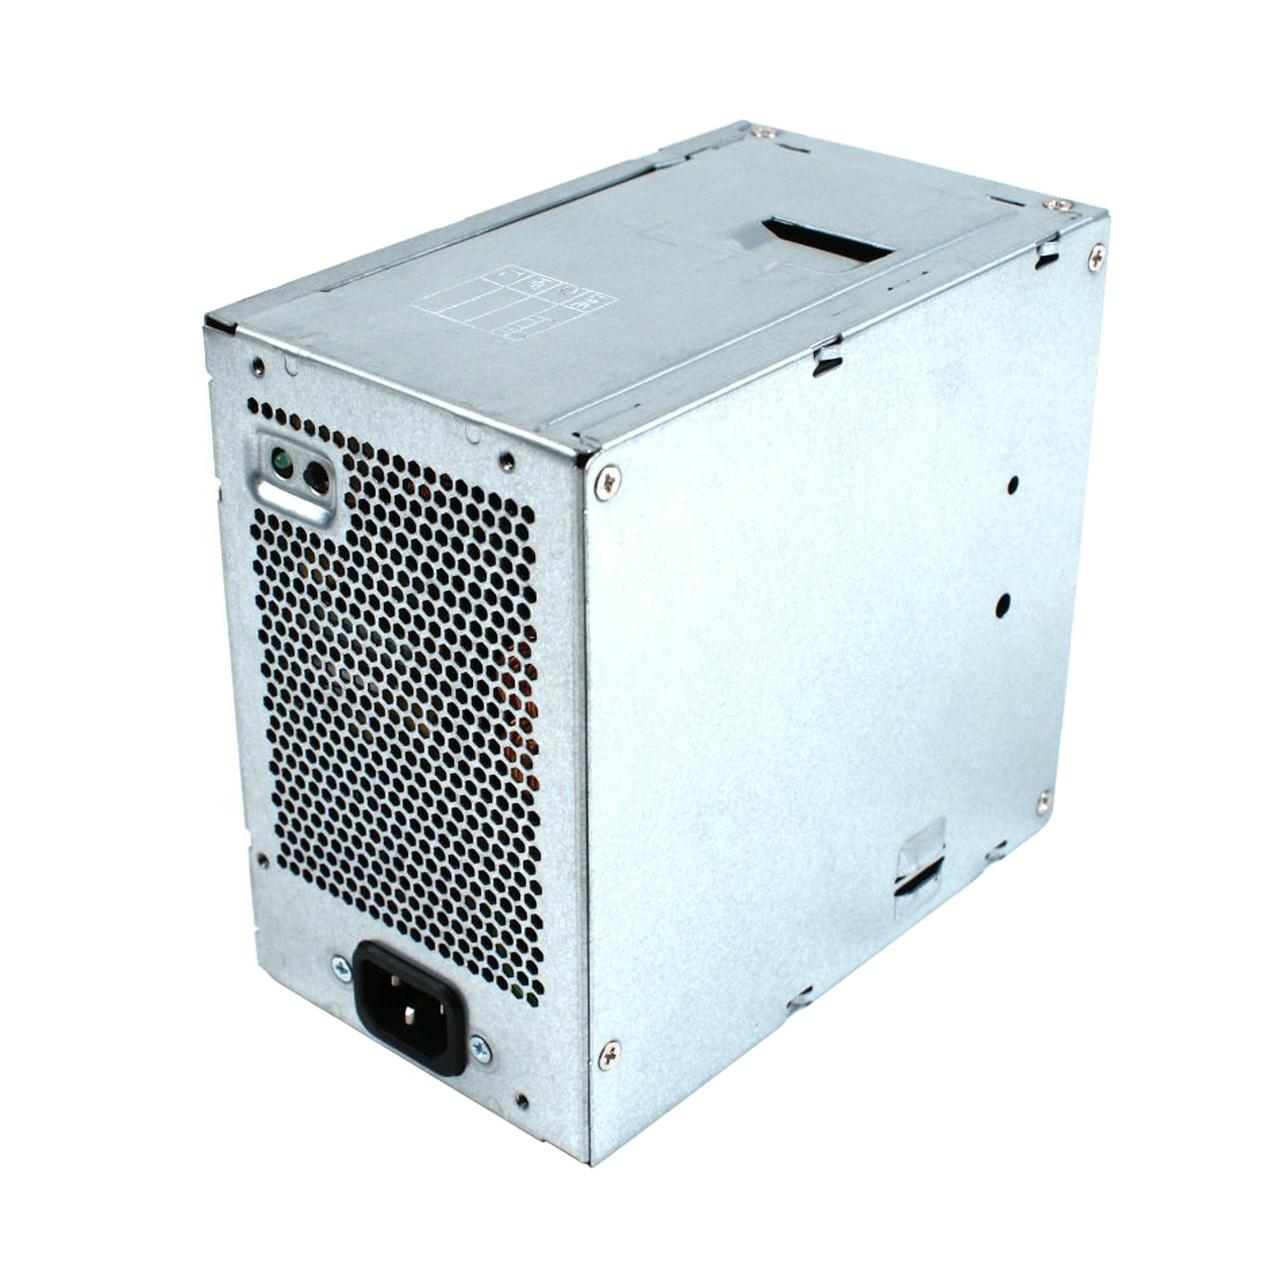 Bộ Nguồn Dell Precision T3500 Power Supply H525EF-00 00G05V